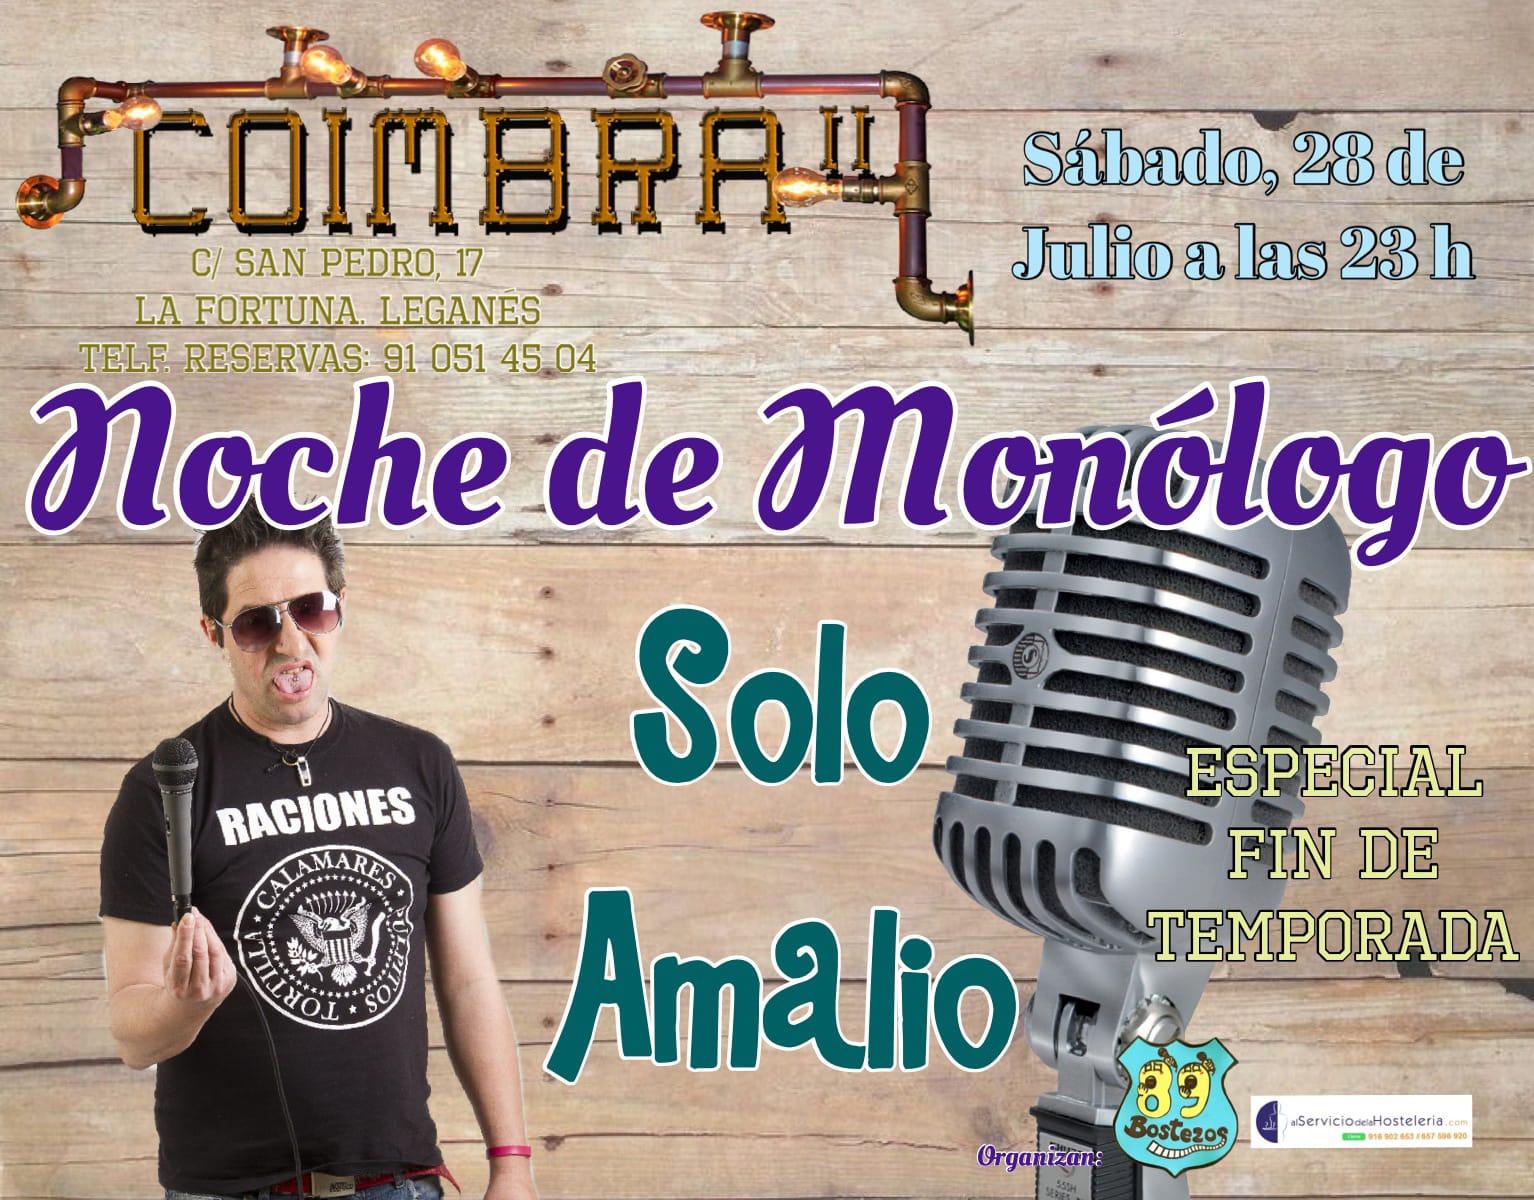 Monologos con Solo Amalio en el Coimbra II